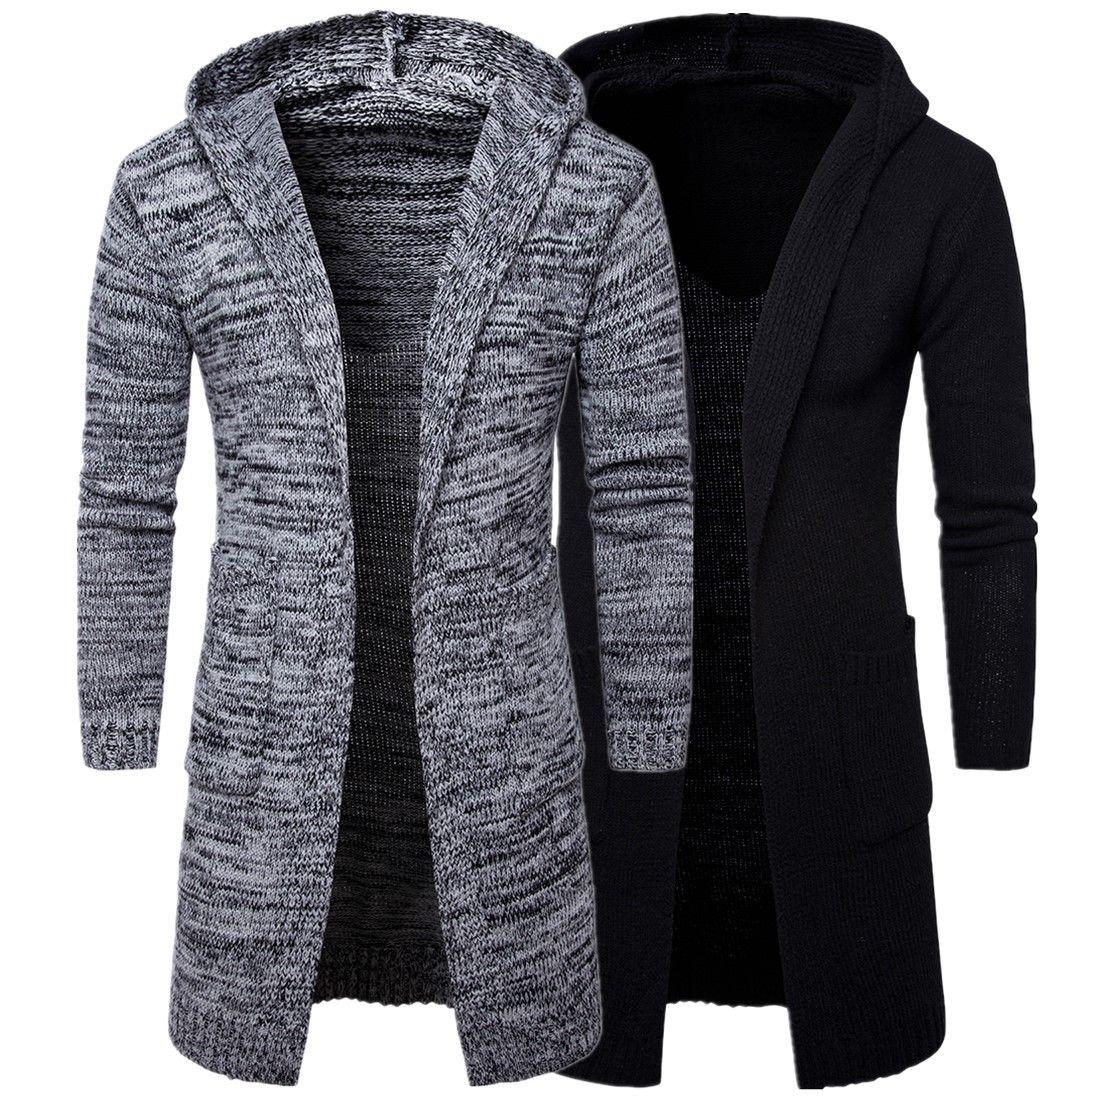 more photos 7ae72 33947 Maglioni lunghi maglioni di maglione di cardigan nuovi maglioni di moda  autunno inverno più grandi maglioni Mens Maglioni di sudore T-707